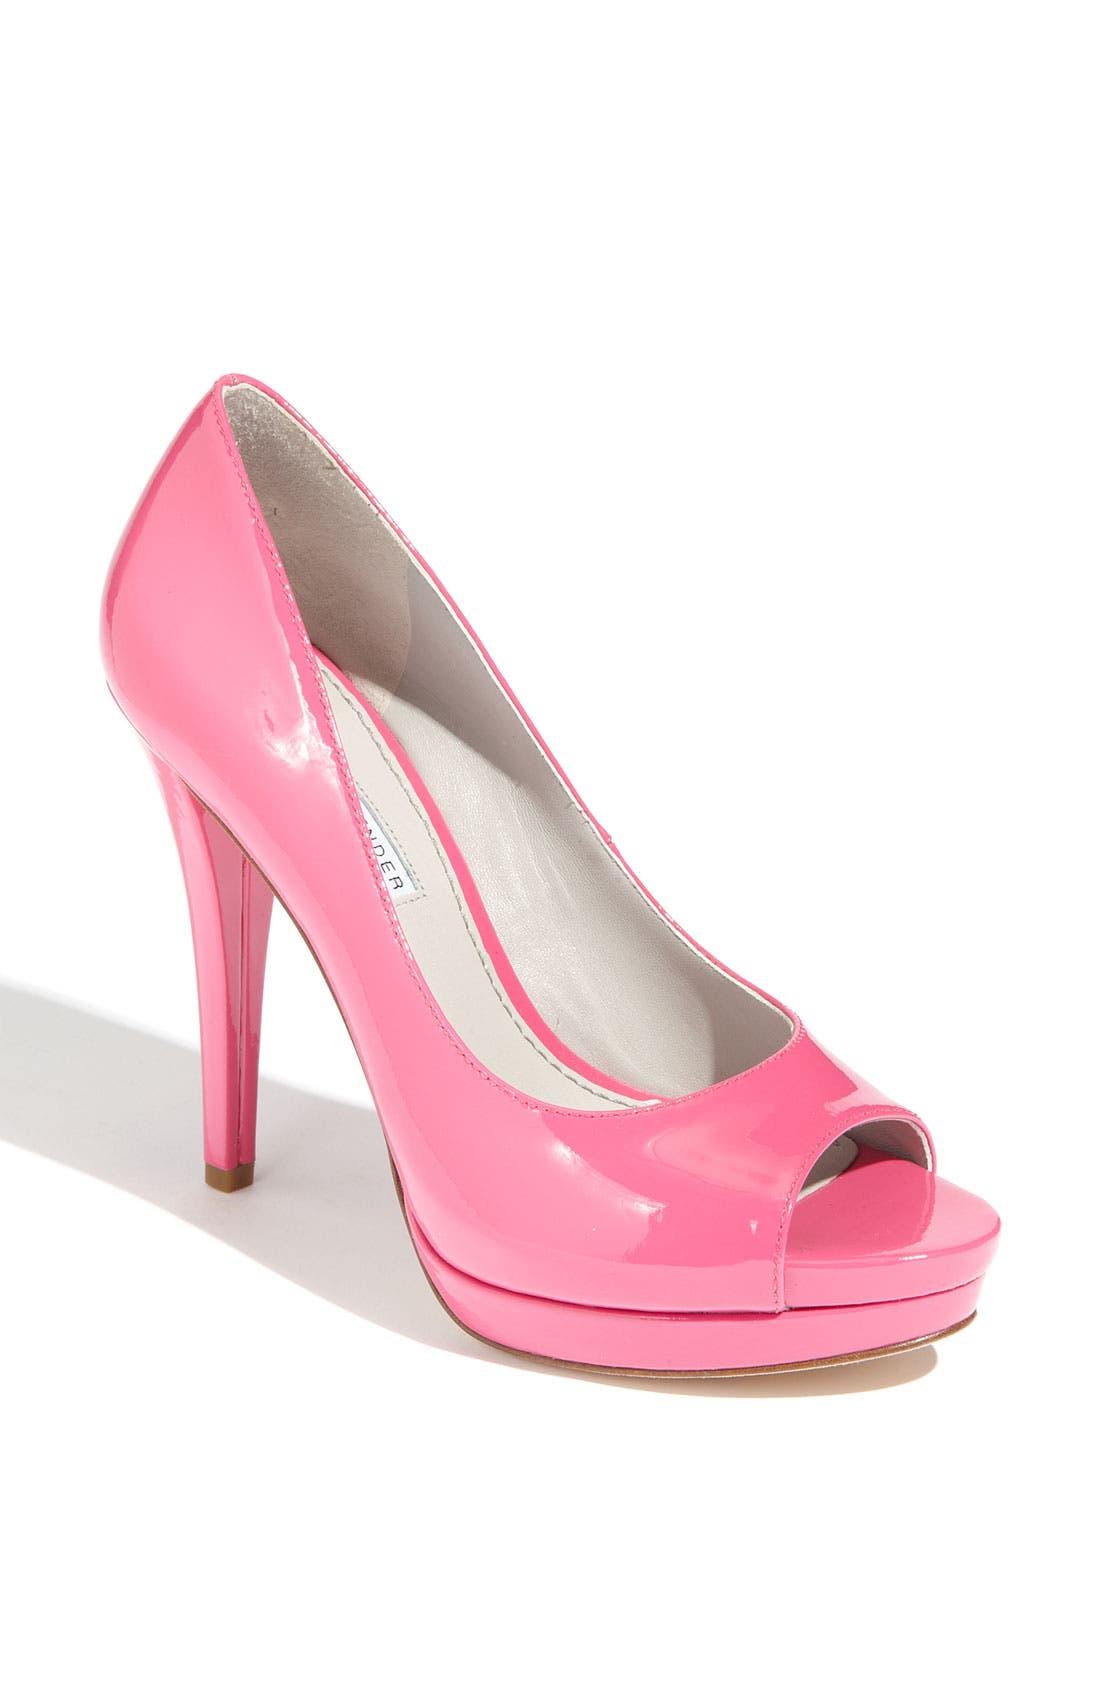 Main Image - Vera Wang Footwear 'Selima' Pump